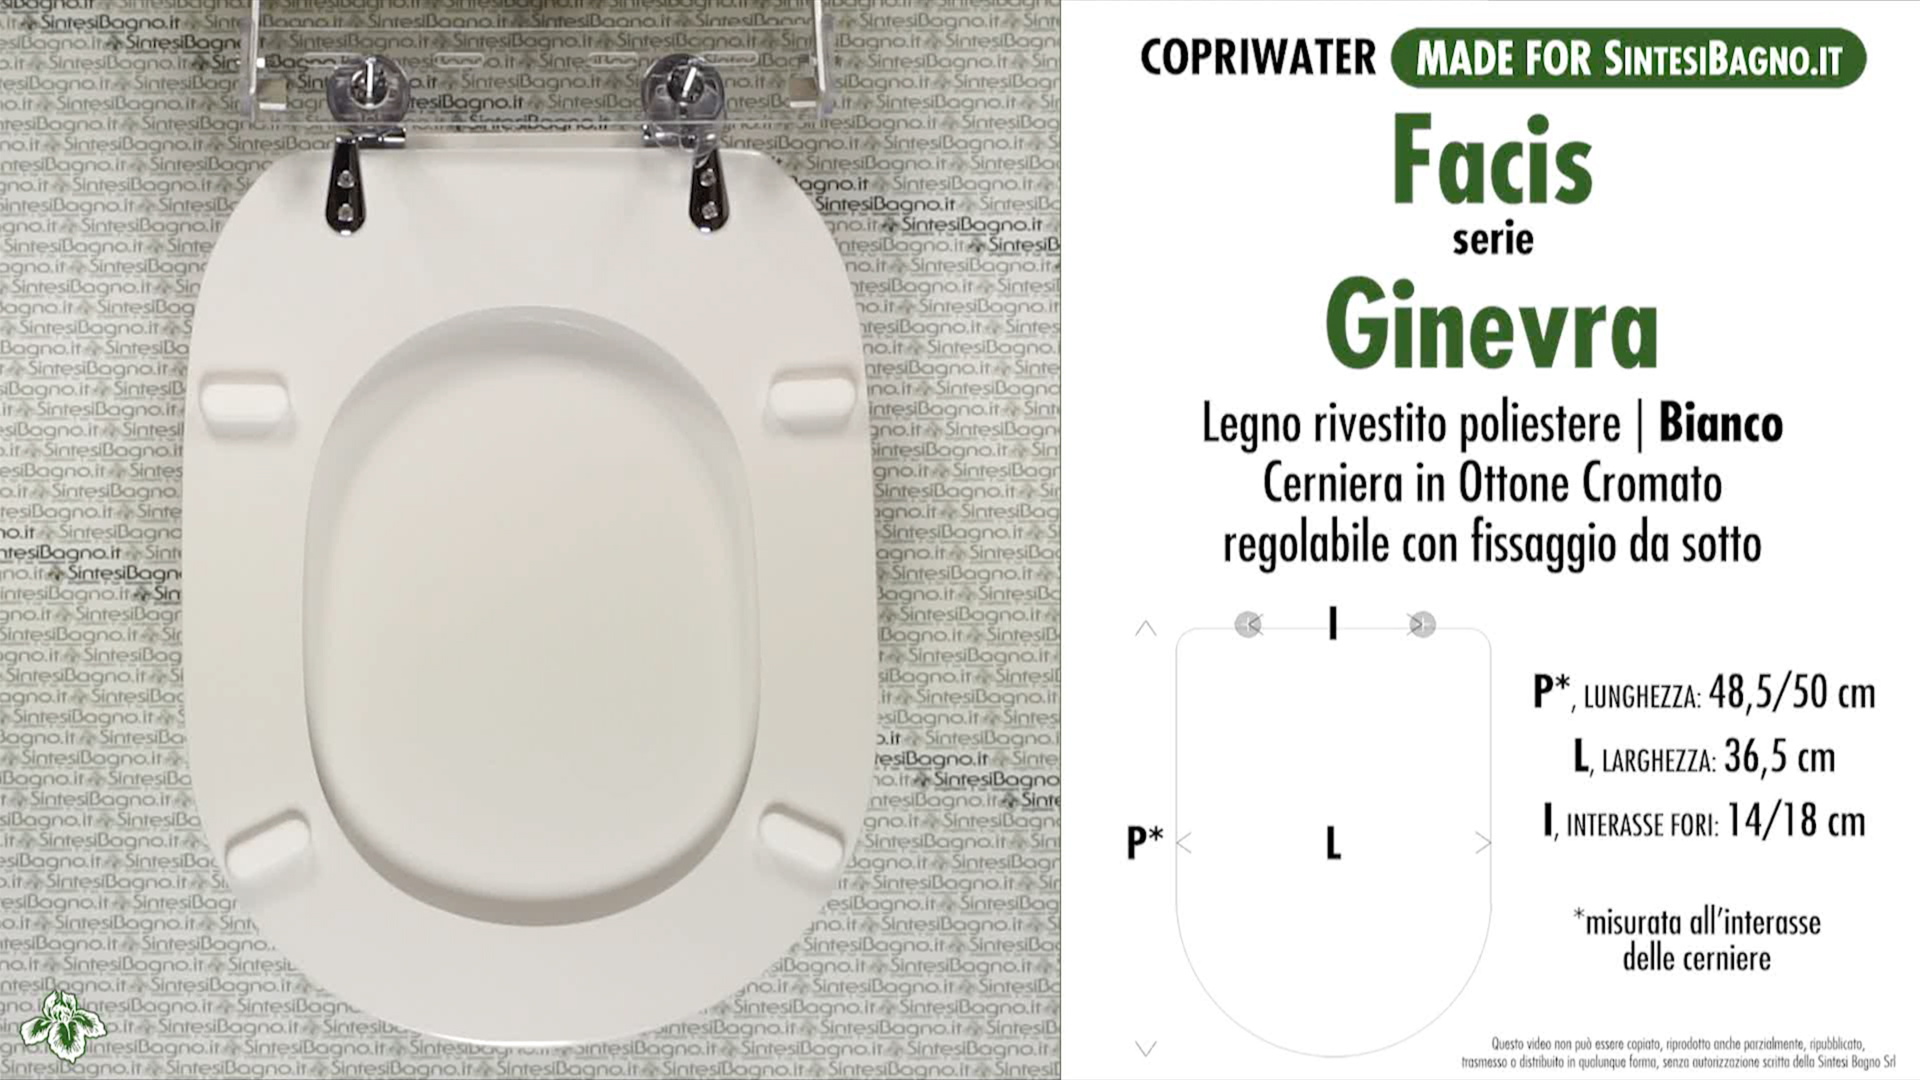 SCHEDA TECNICA MISURE copriwater FACIS/GSI GINEVRA